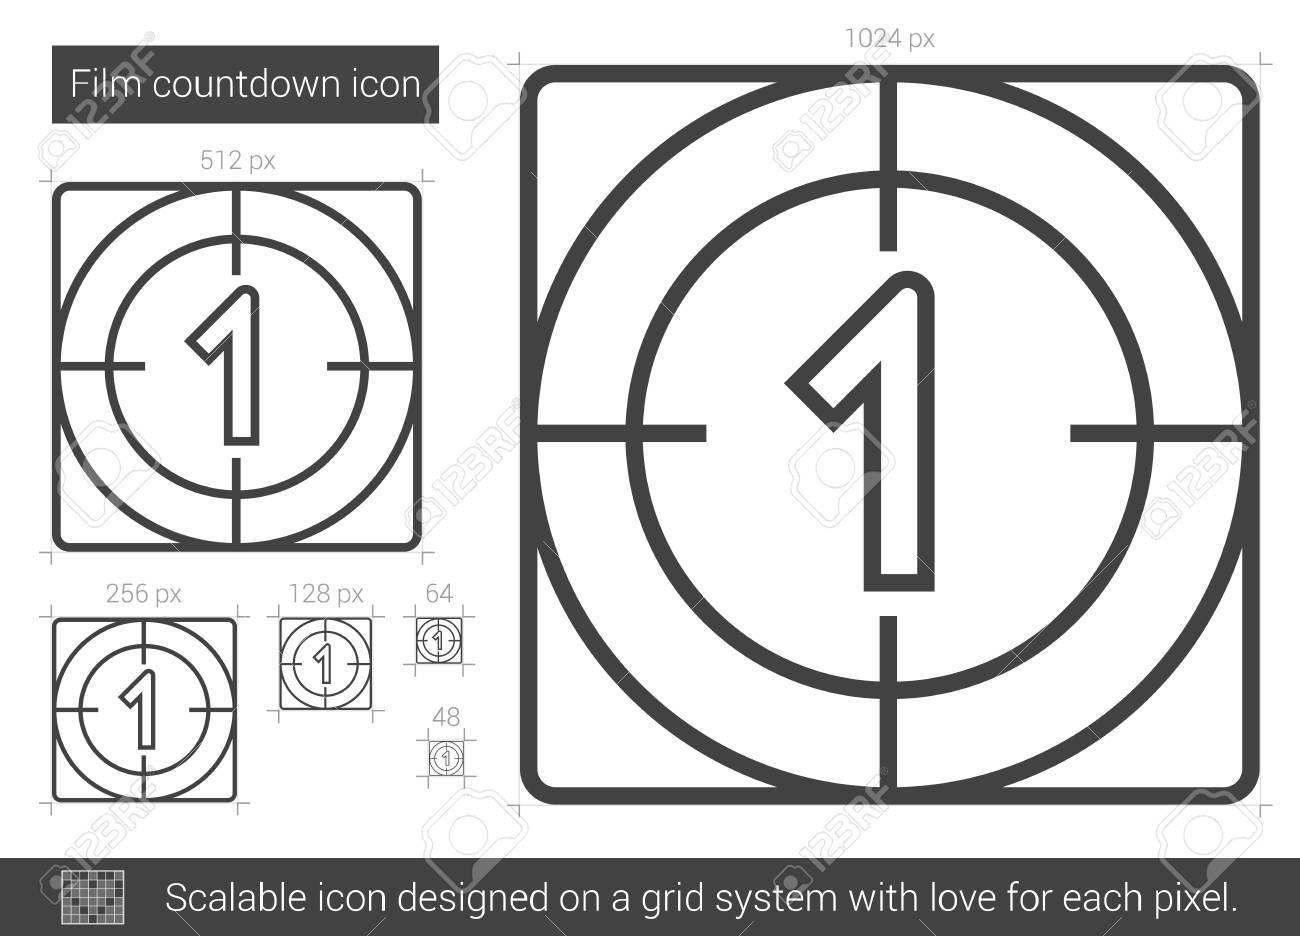 Compte Rebours Film Icne De Ligne Vecteur Isol Sur Fond Blanc Countdown La Pour Infographie Site Web Ou Application